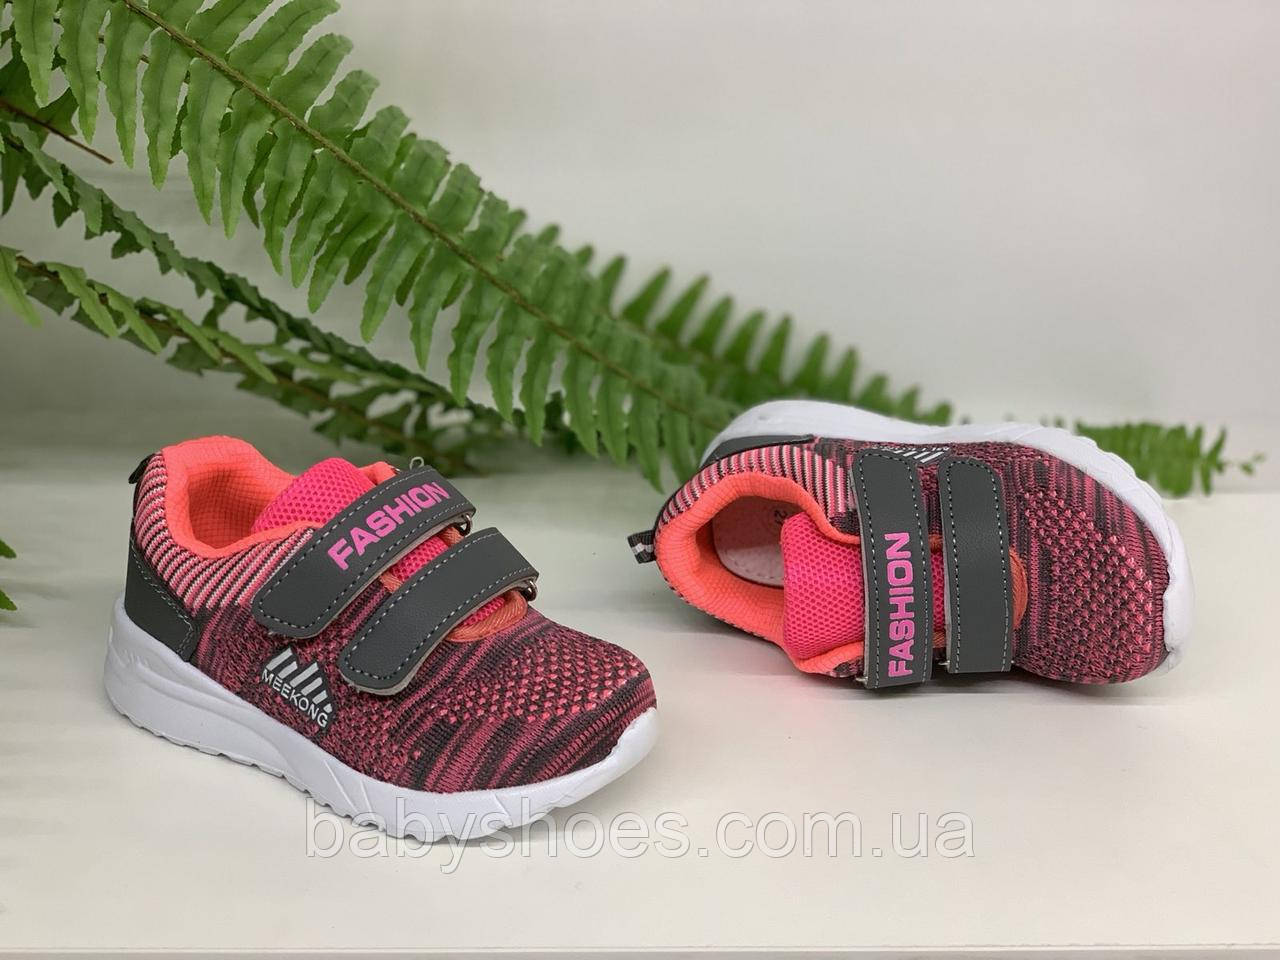 Кроссовки для девочки  СВТ.Т  р.27-30  КД-107